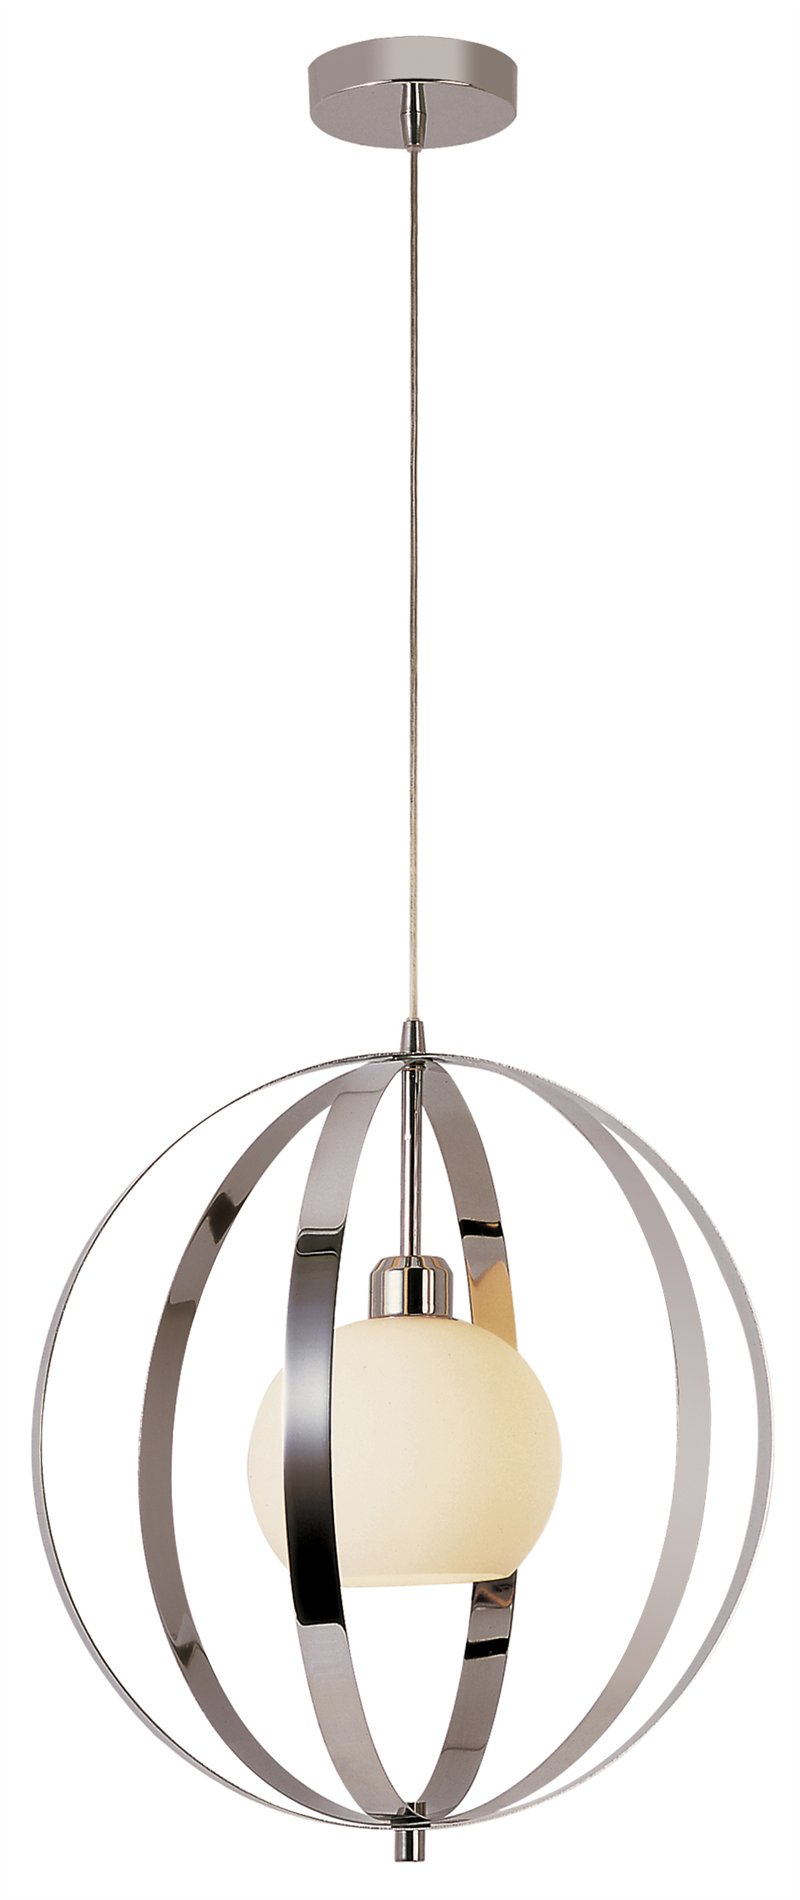 Modern Globe Pendant Lighting : Trans globe lighting pc harlequin modern